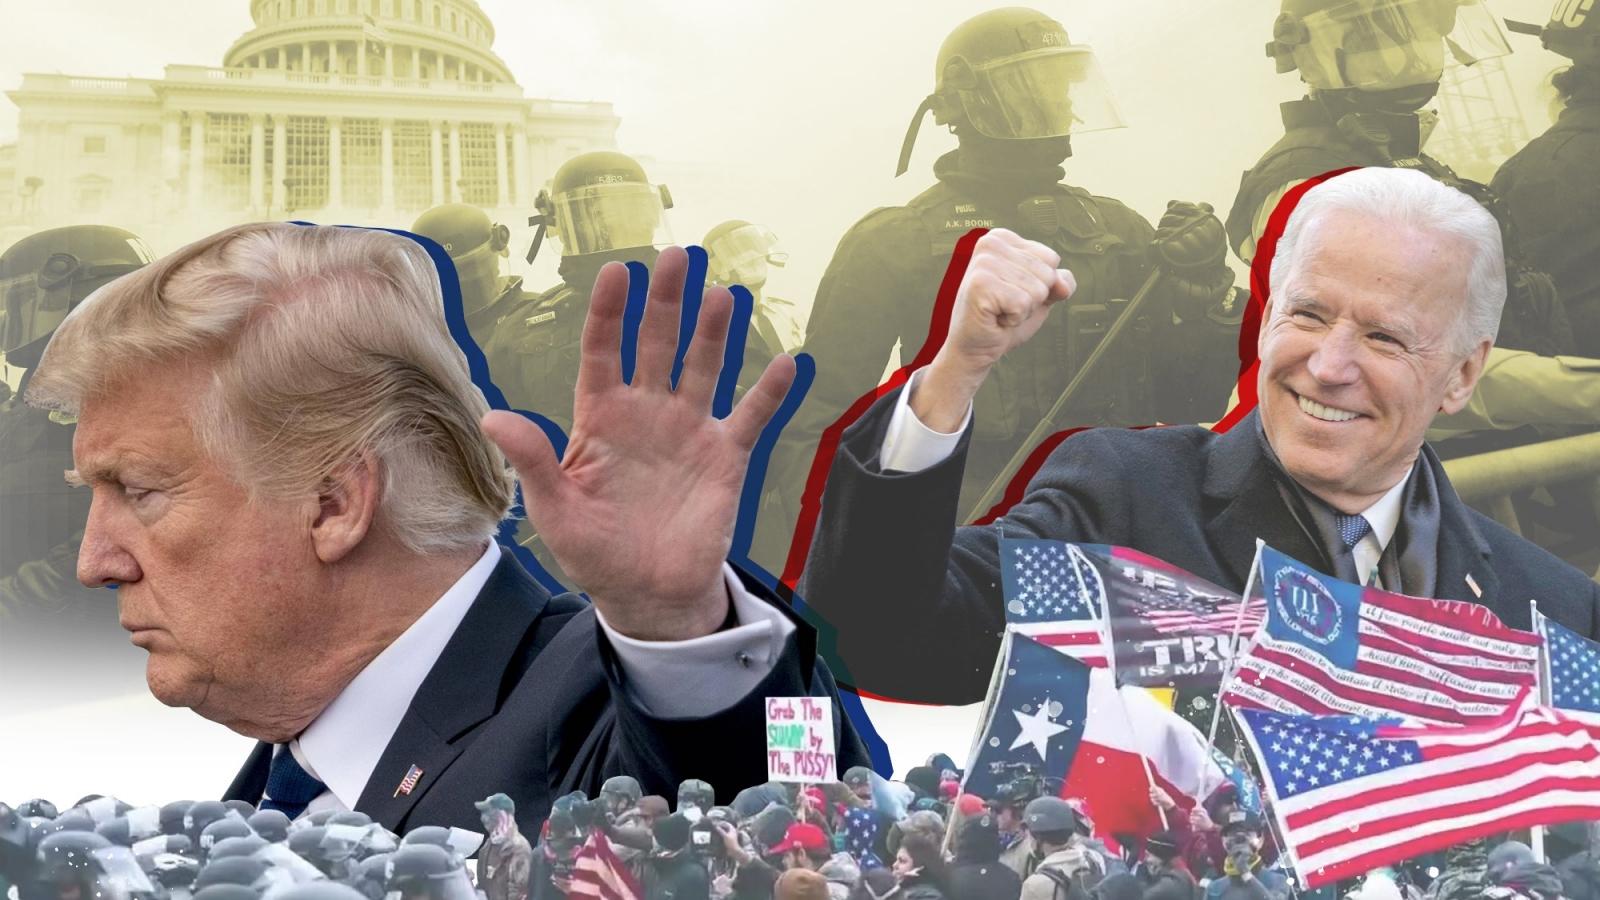 Vòng xoáy bất ổn bao trùm nước Mỹ những ngày cuối nhiệm kỳ của Tổng thống Trump